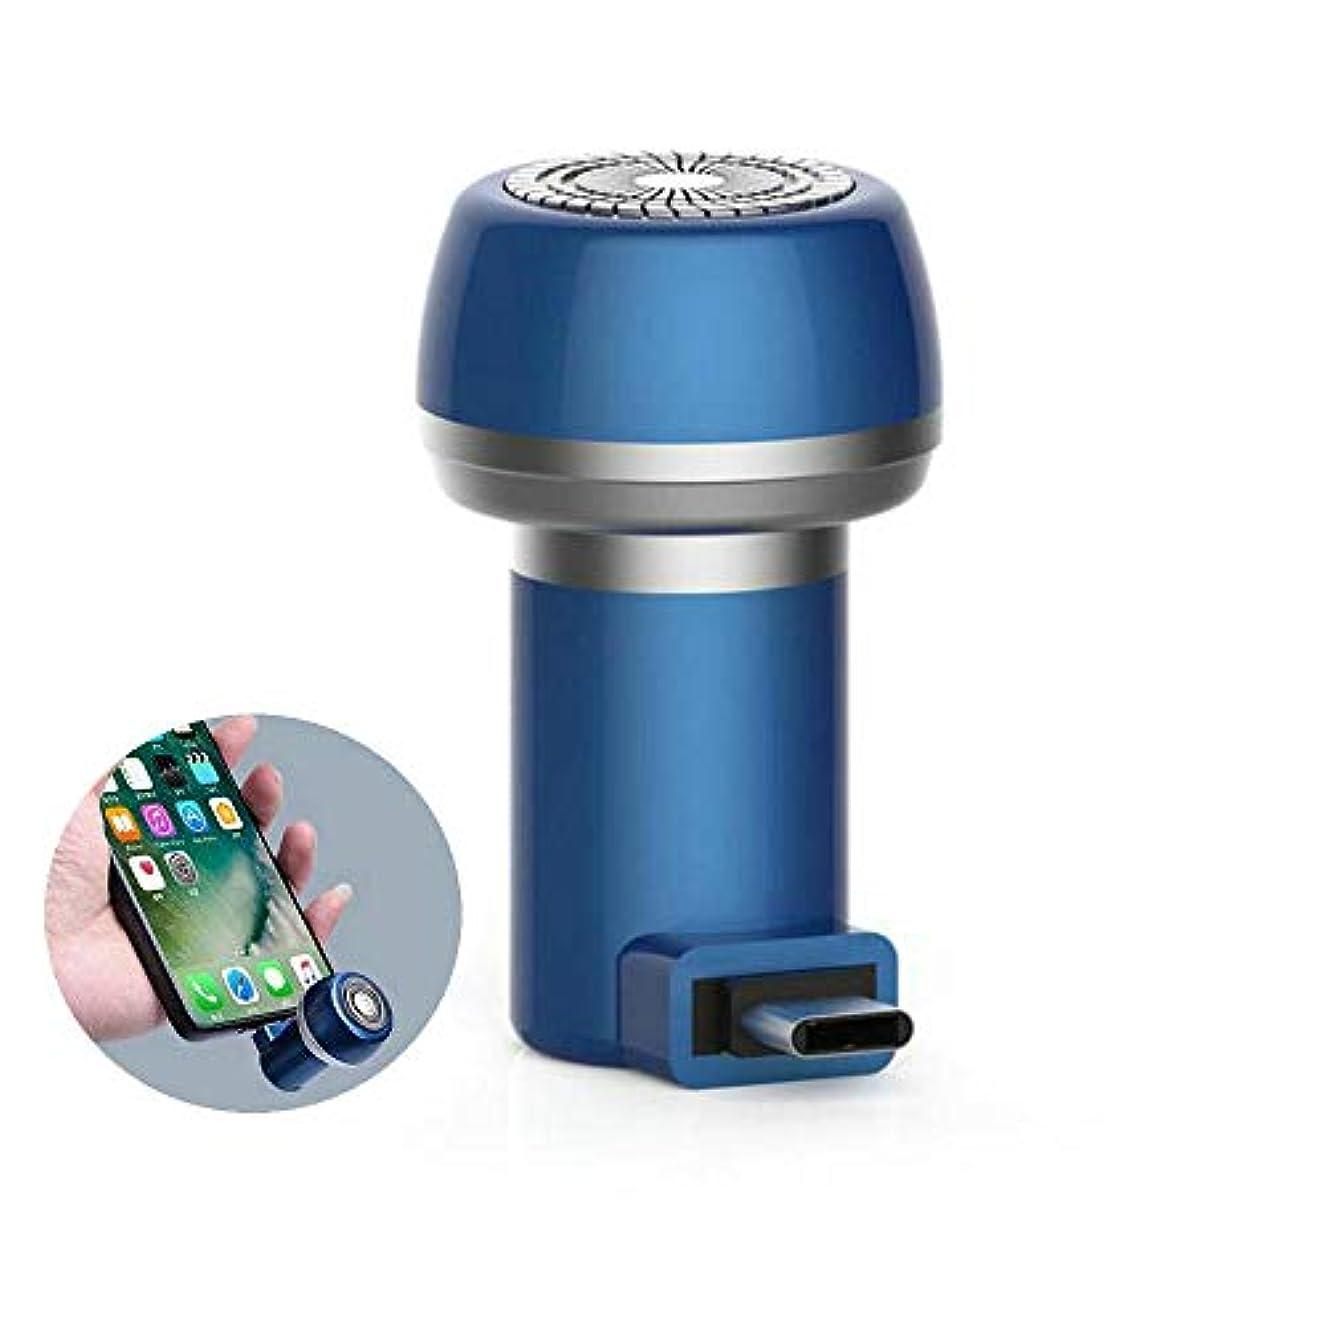 強盗怒って対立XAHWL ミニ シェーバー 携帯電話 Micro/Type-c/USB+Micro 脱毛器